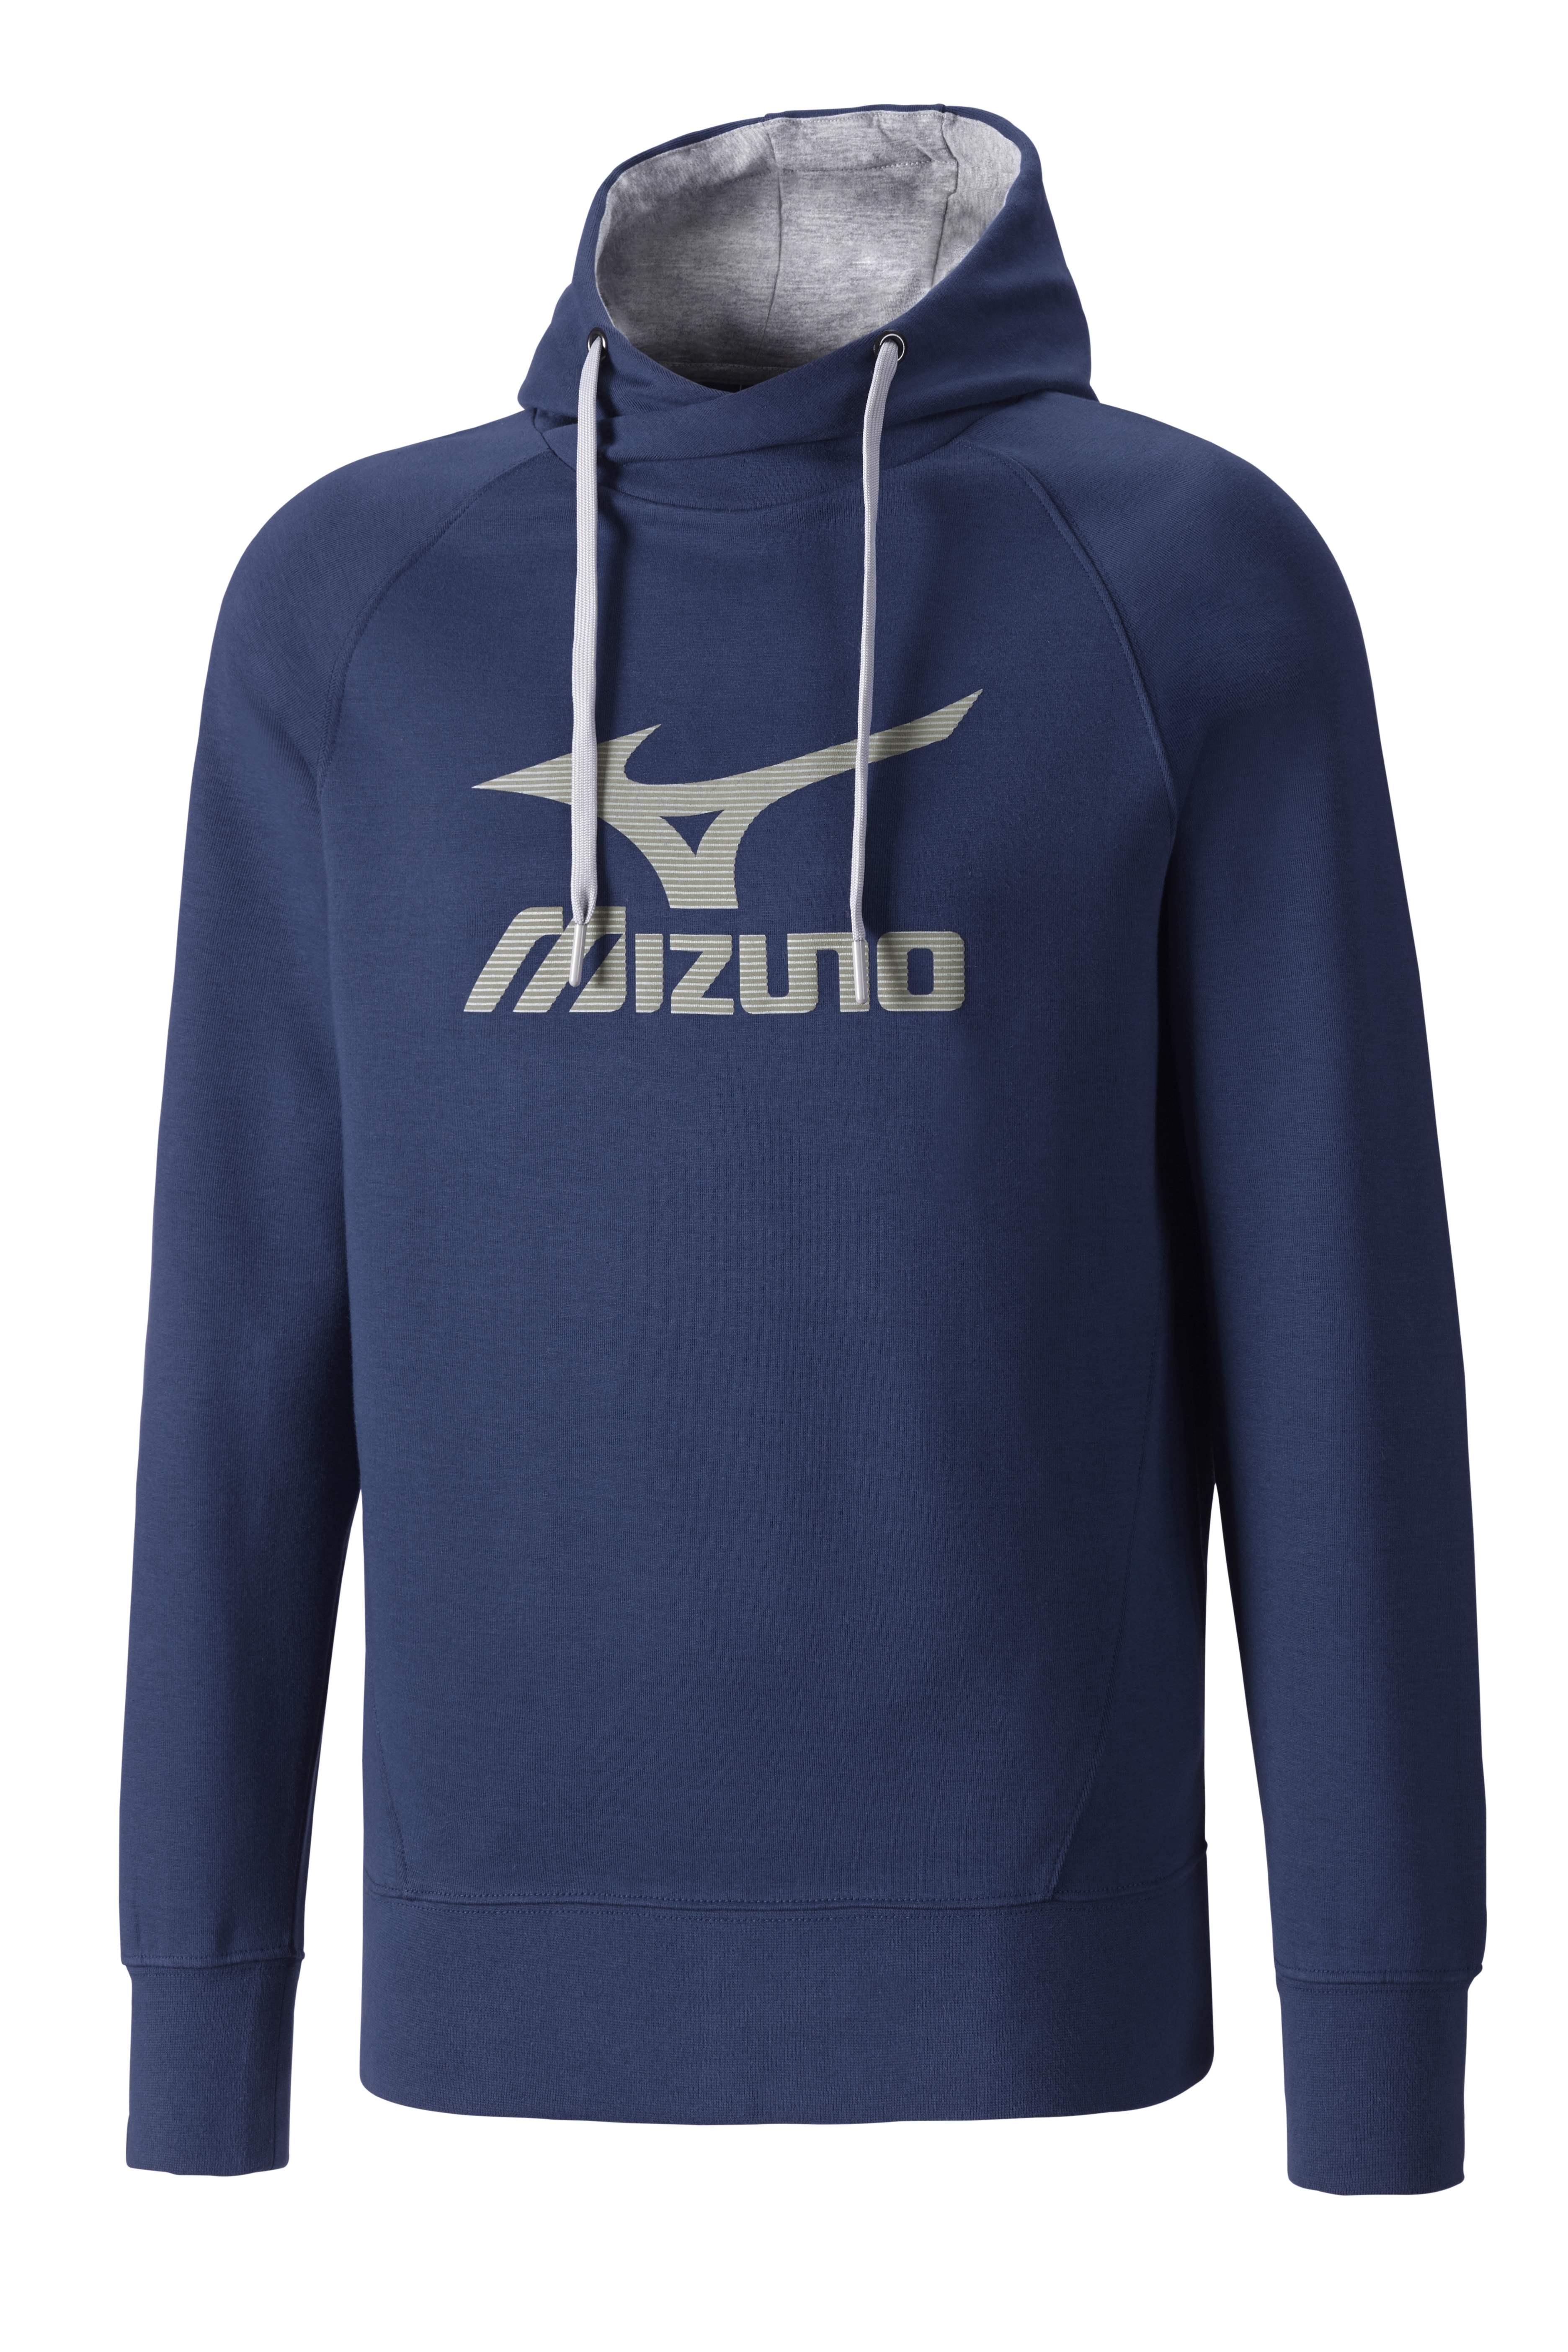 Mizuno Logo Hoody K2EC665314 L